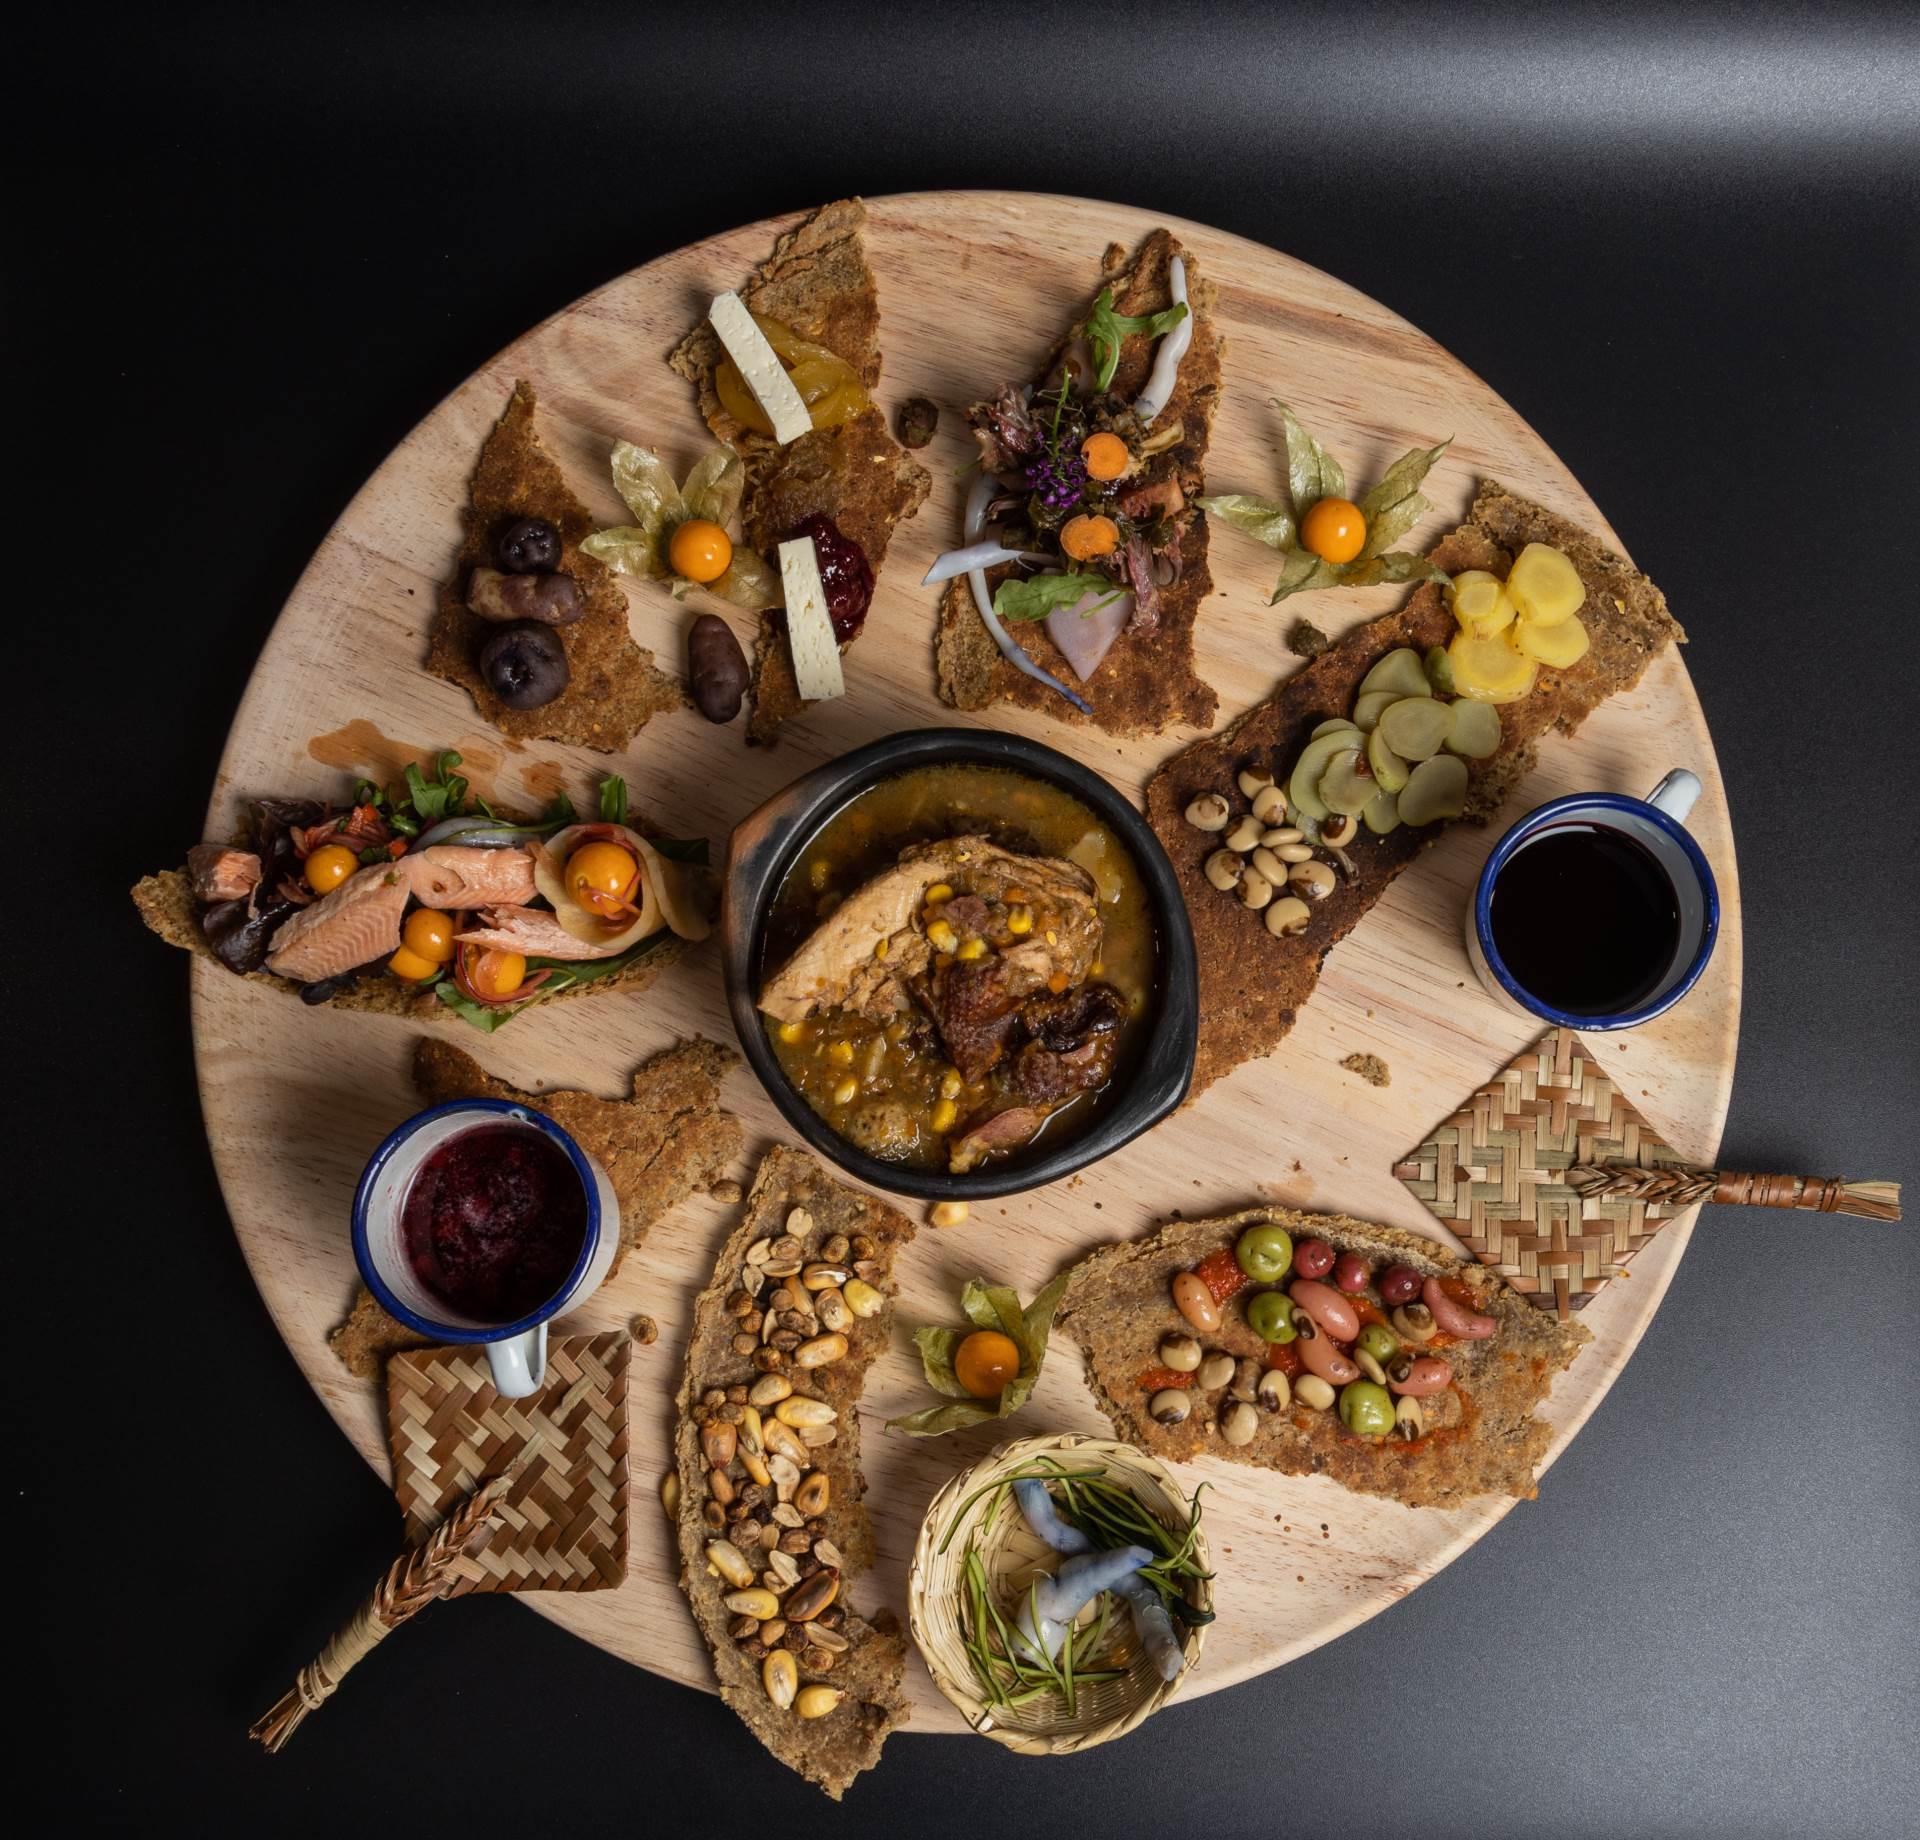 Kuhinja restorana Naturalia temelji se na najboljem od kvalitete, organske proizvodnje i tradicionalnih namirnica